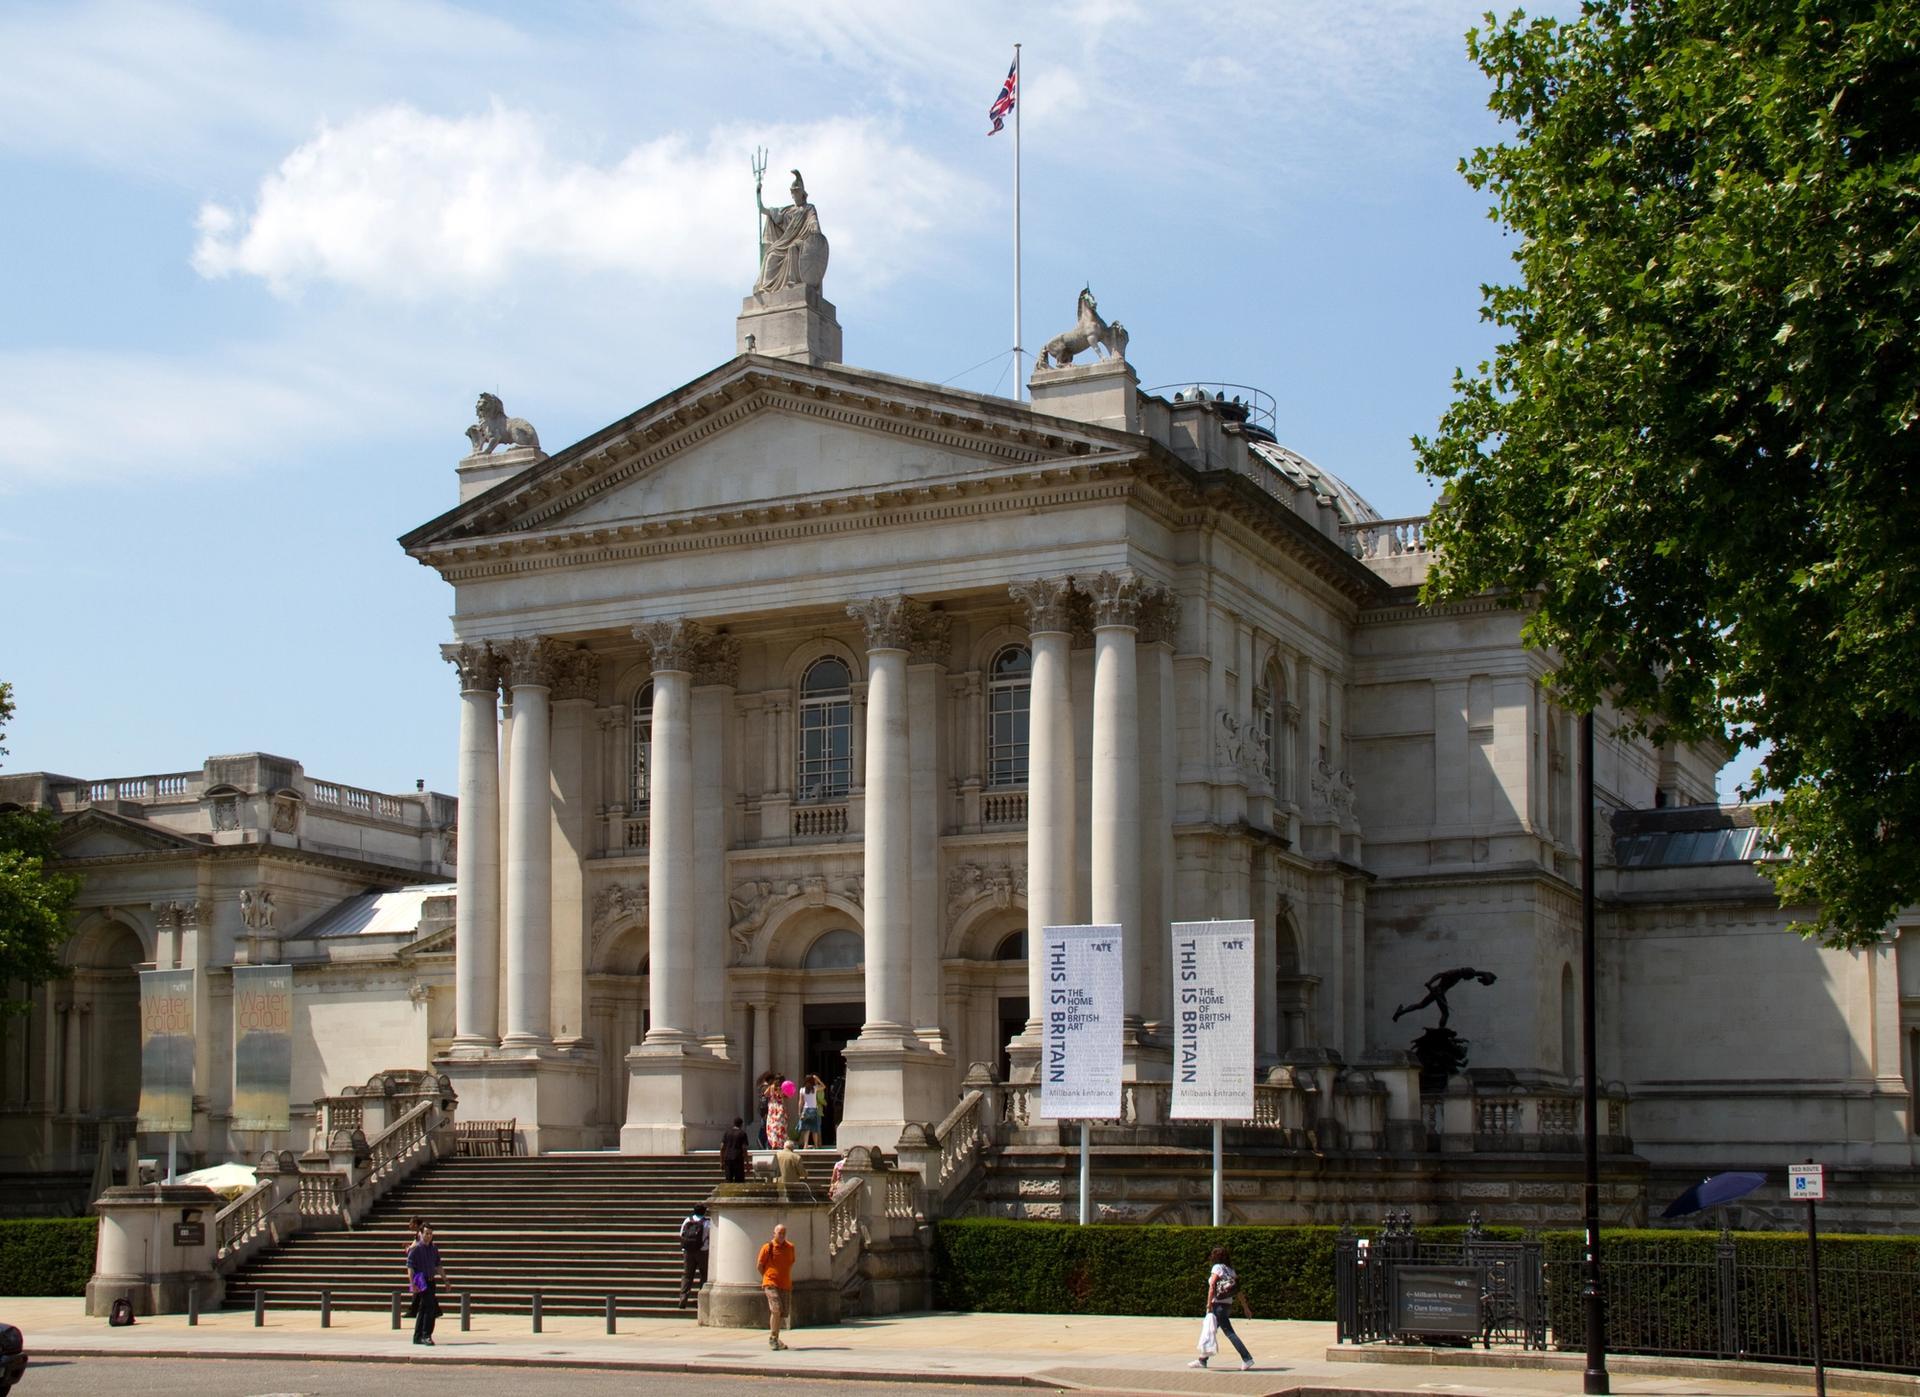 Tate gallery Photo: Tony Hisgett